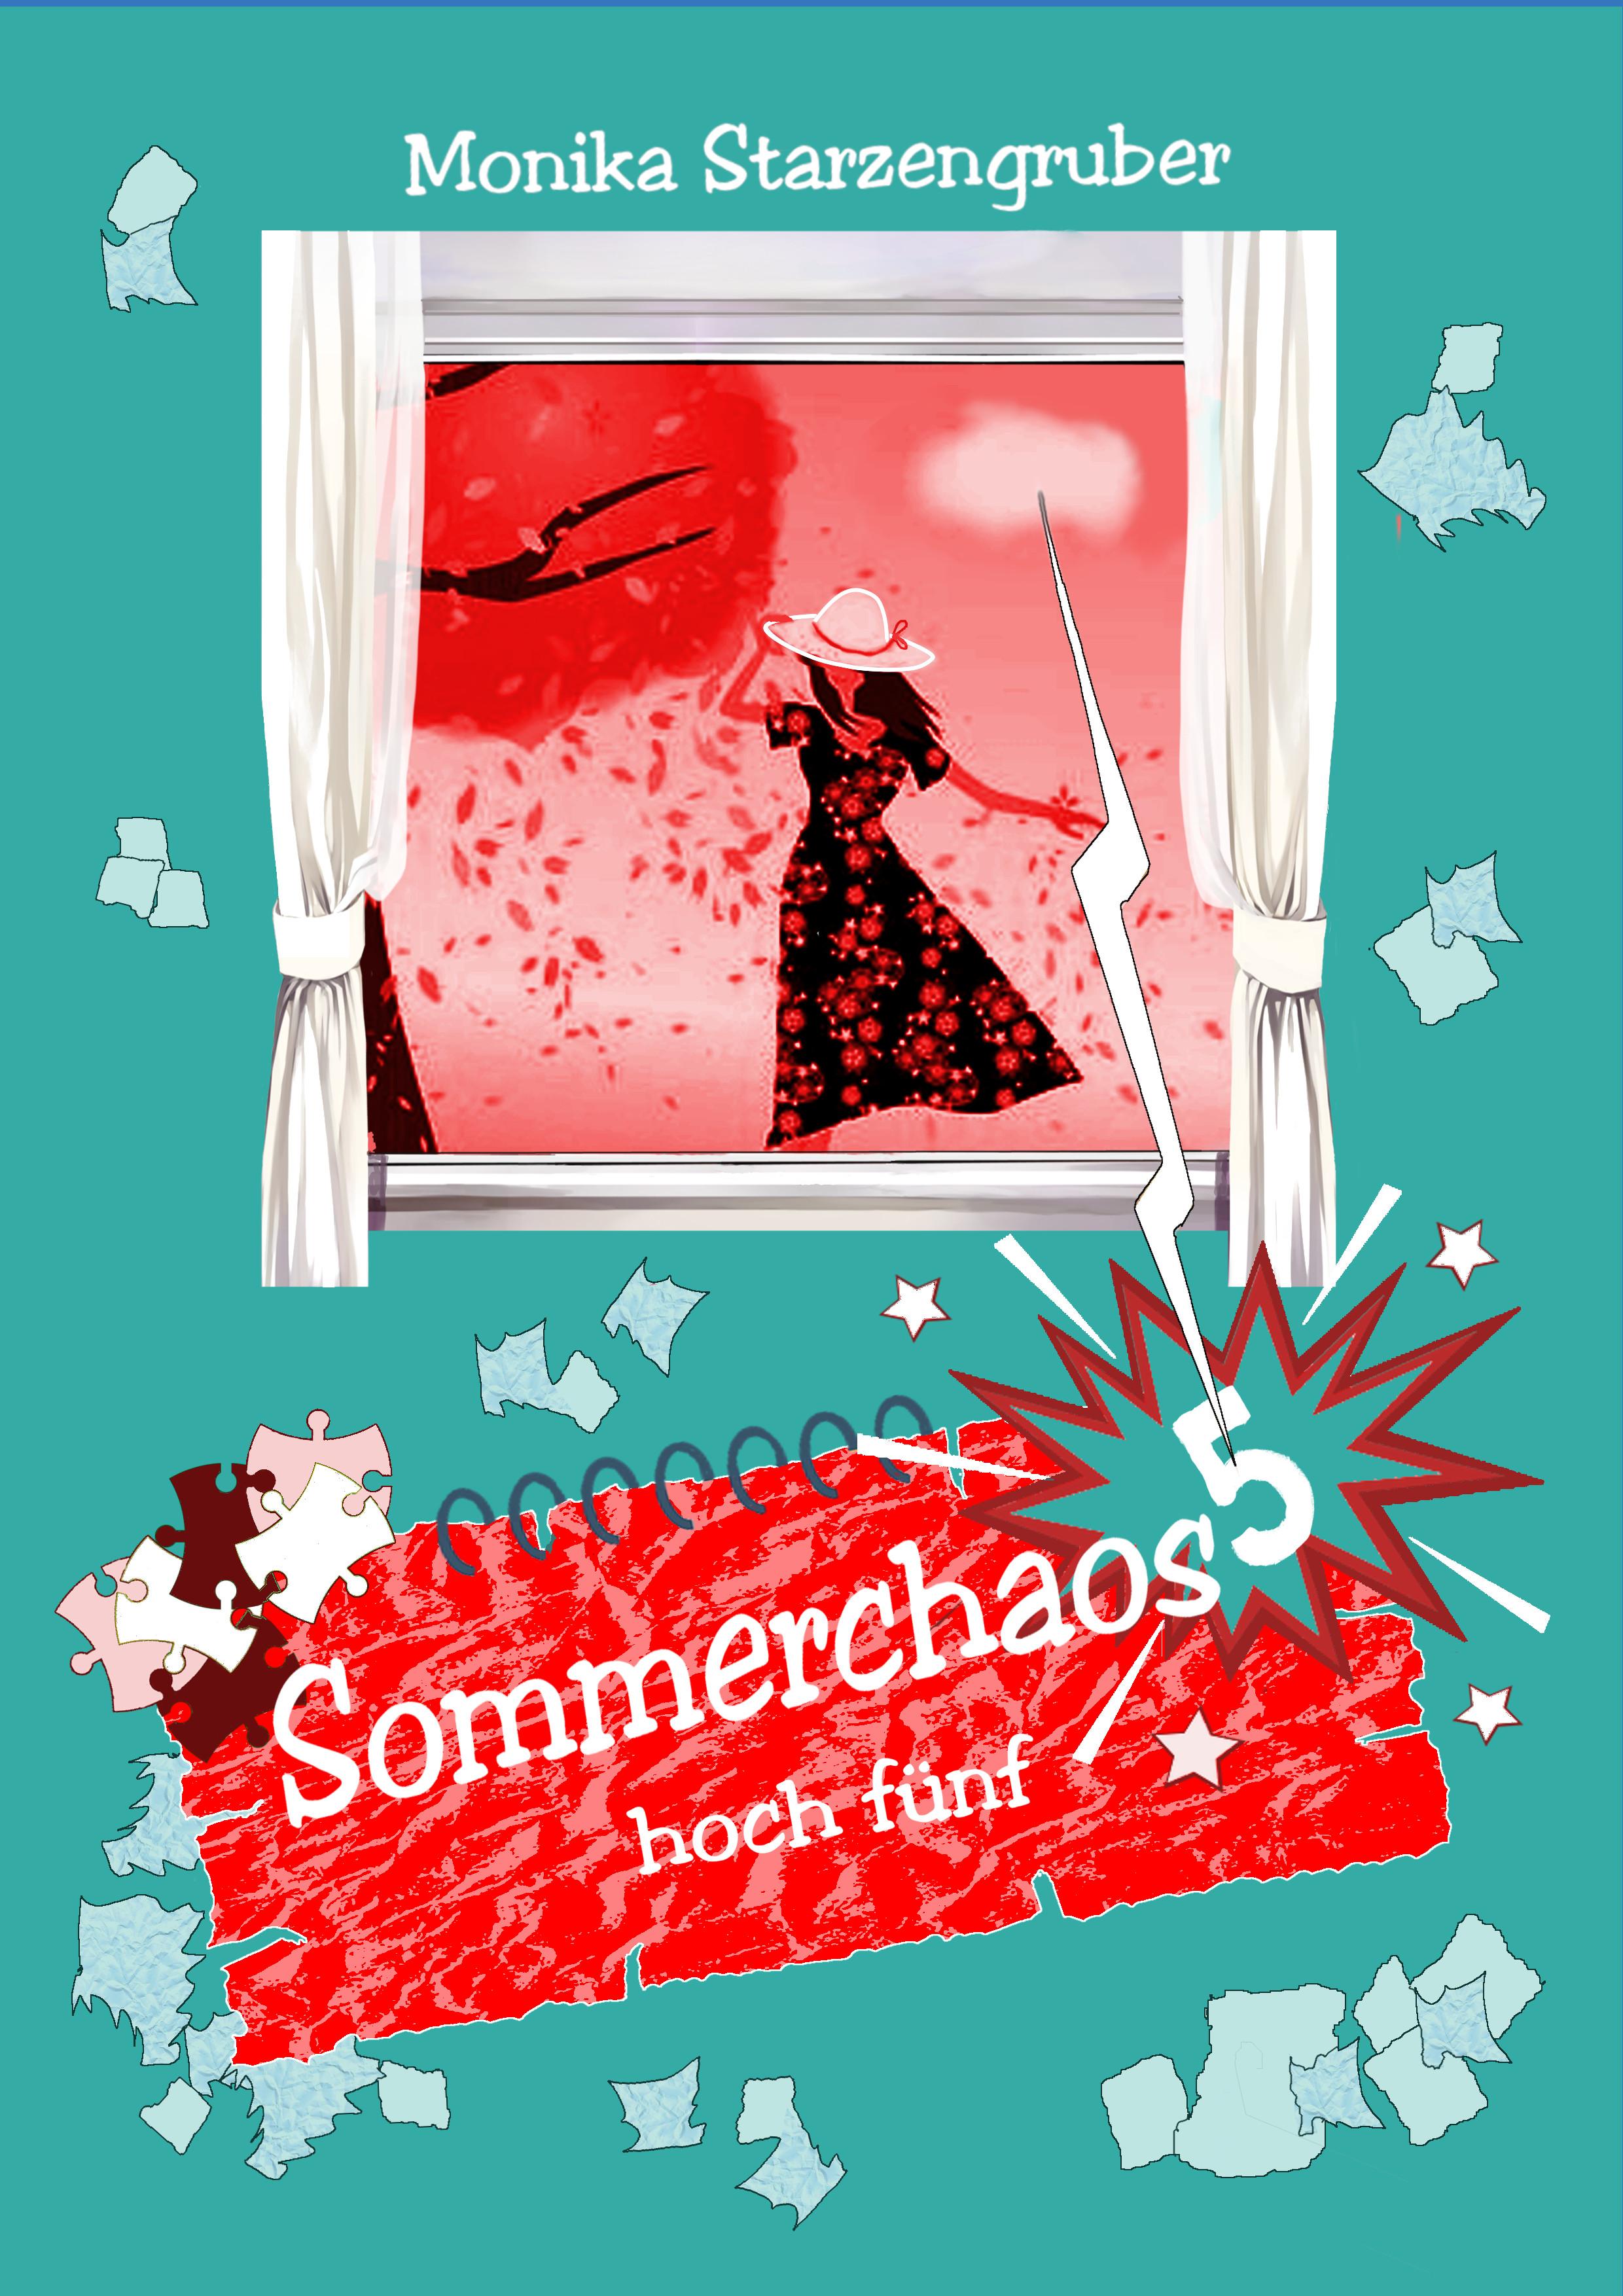 """""""Sommerchaos hoch fünf!"""